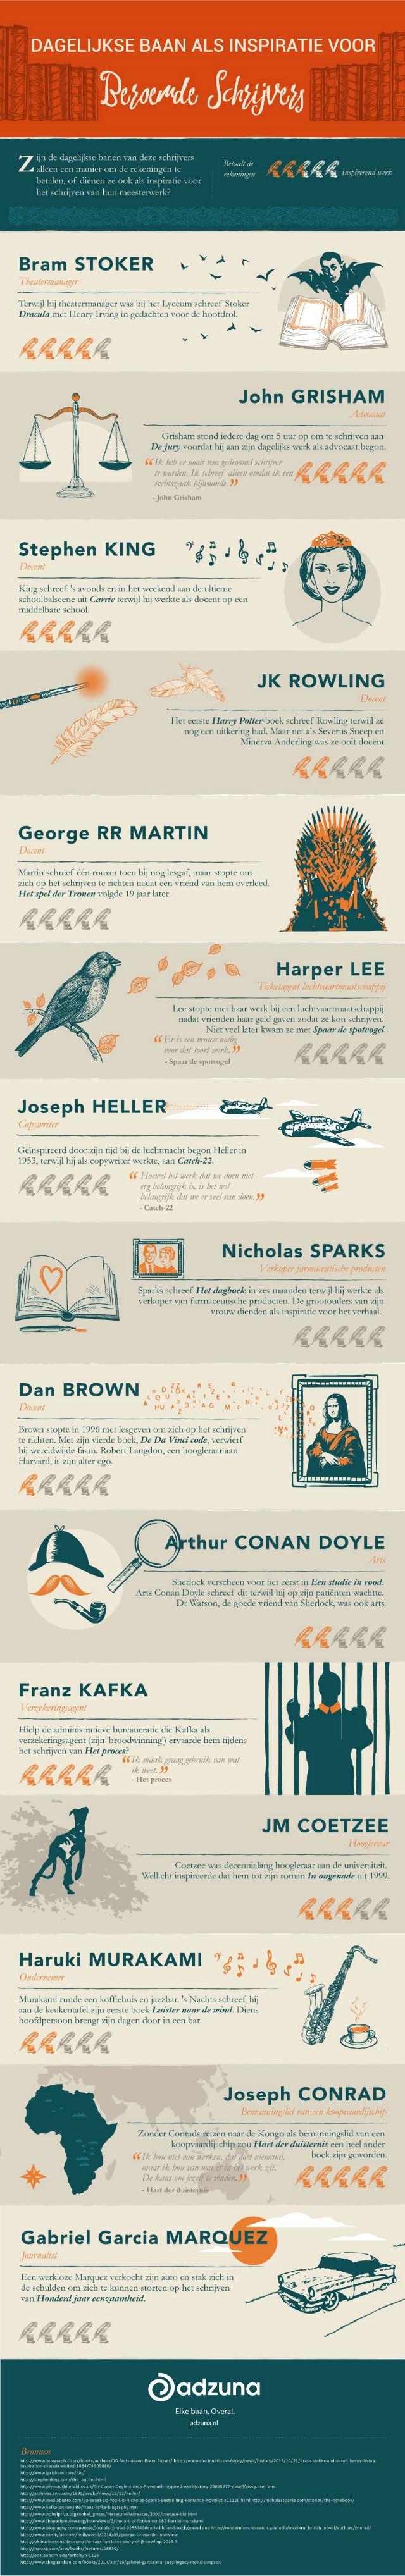 Infographic, de banen van beroemde schrijvers